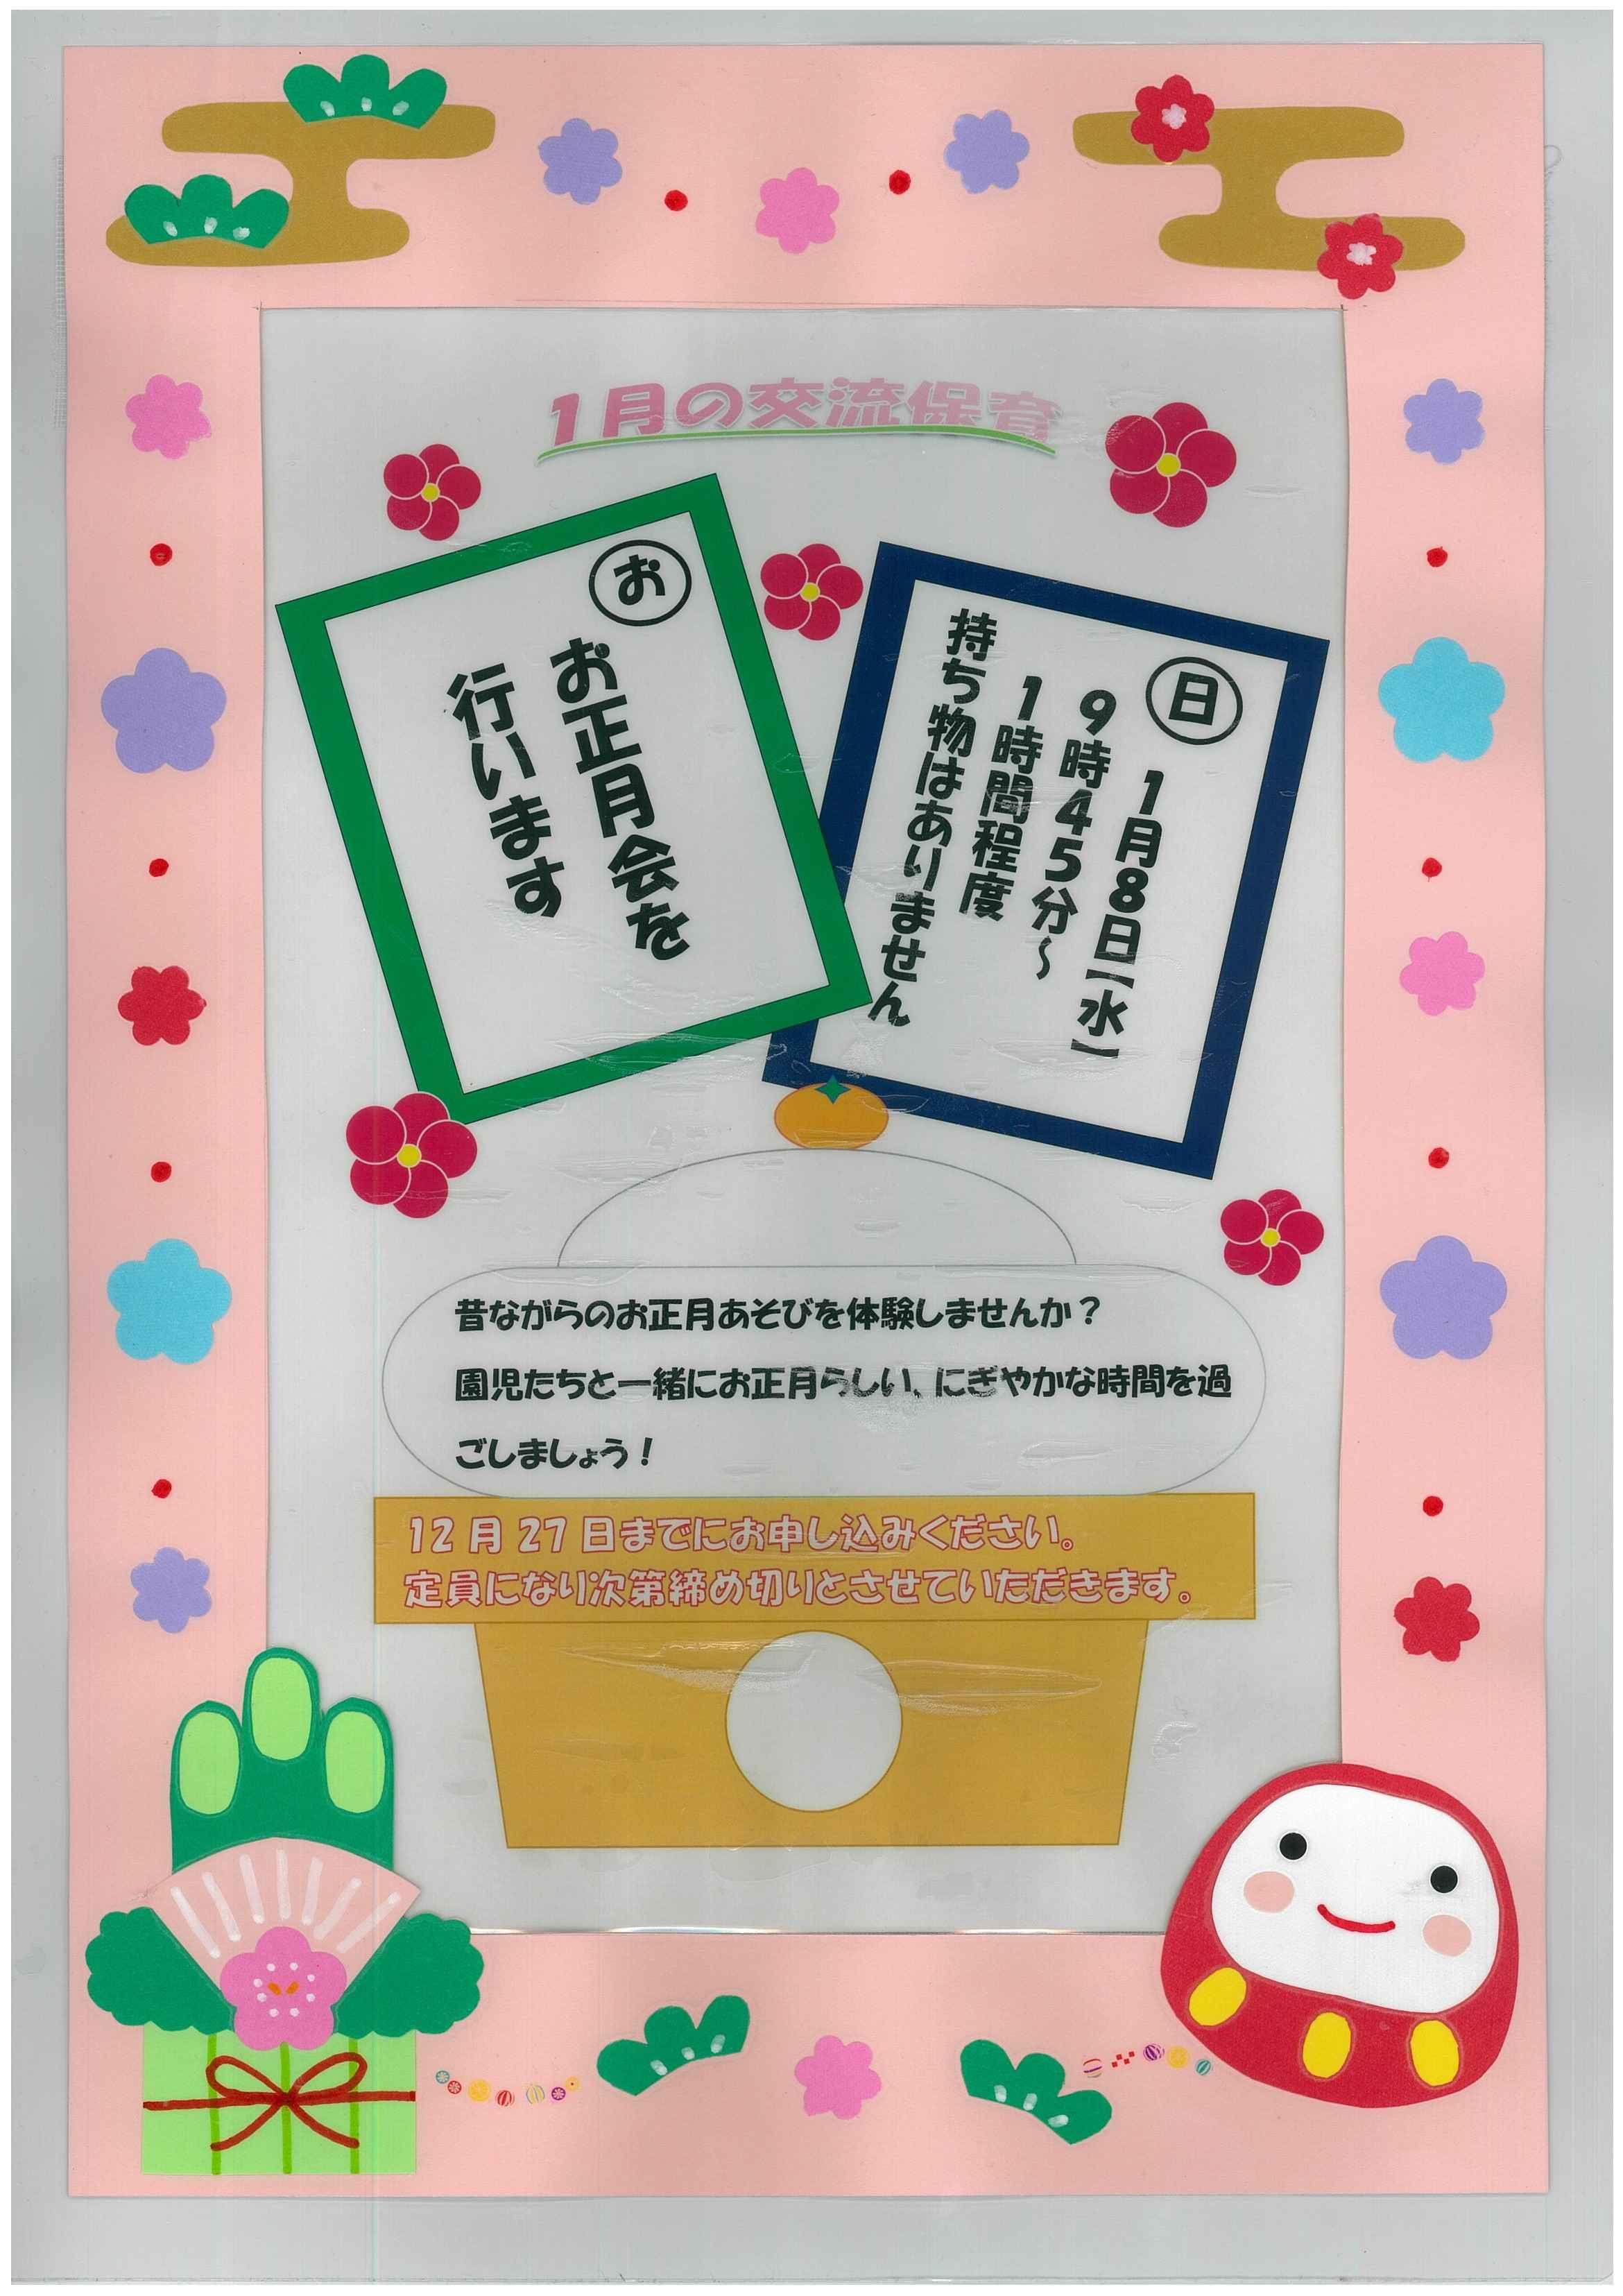 https://www.shopro.co.jp/hoiku/img/2019/12/4641162412201923570.jpg